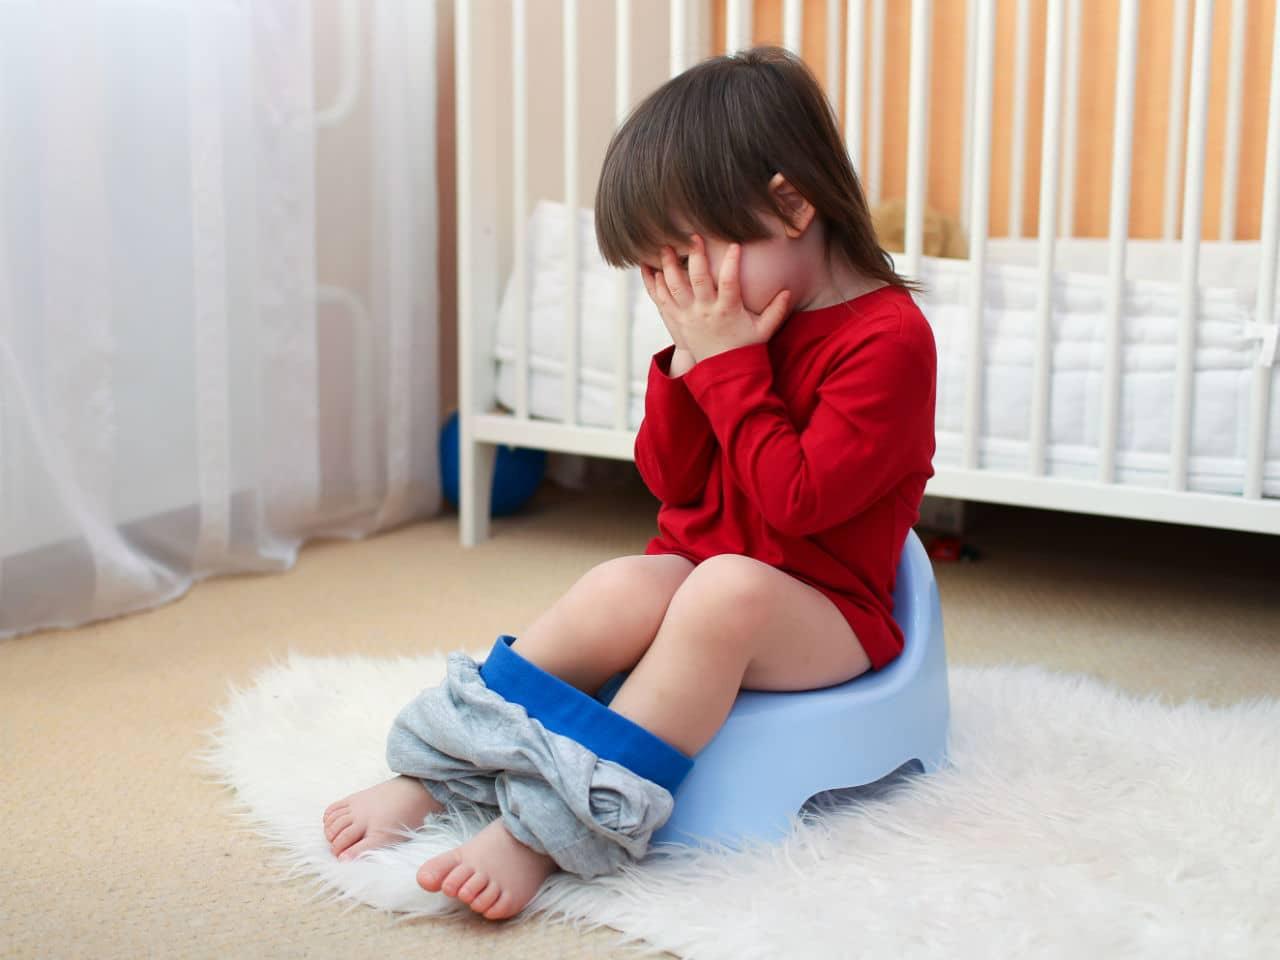 فراموش کودک در توالت رفتن